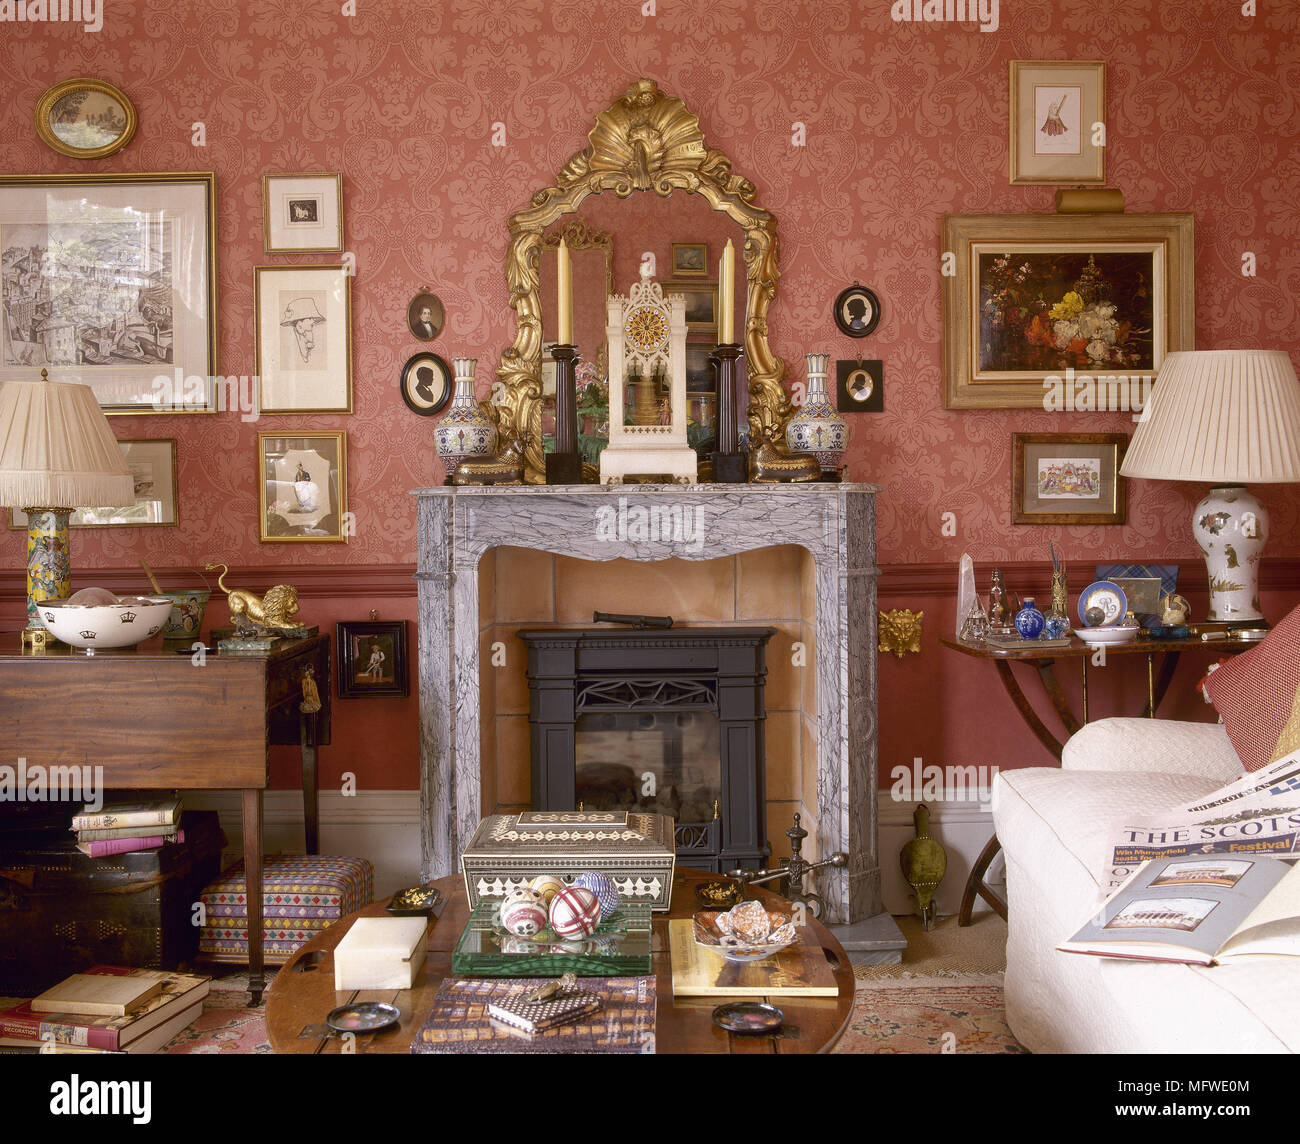 Rote Wohnzimmer mit Muster Tapete und Kamin aus Marmor mit ...